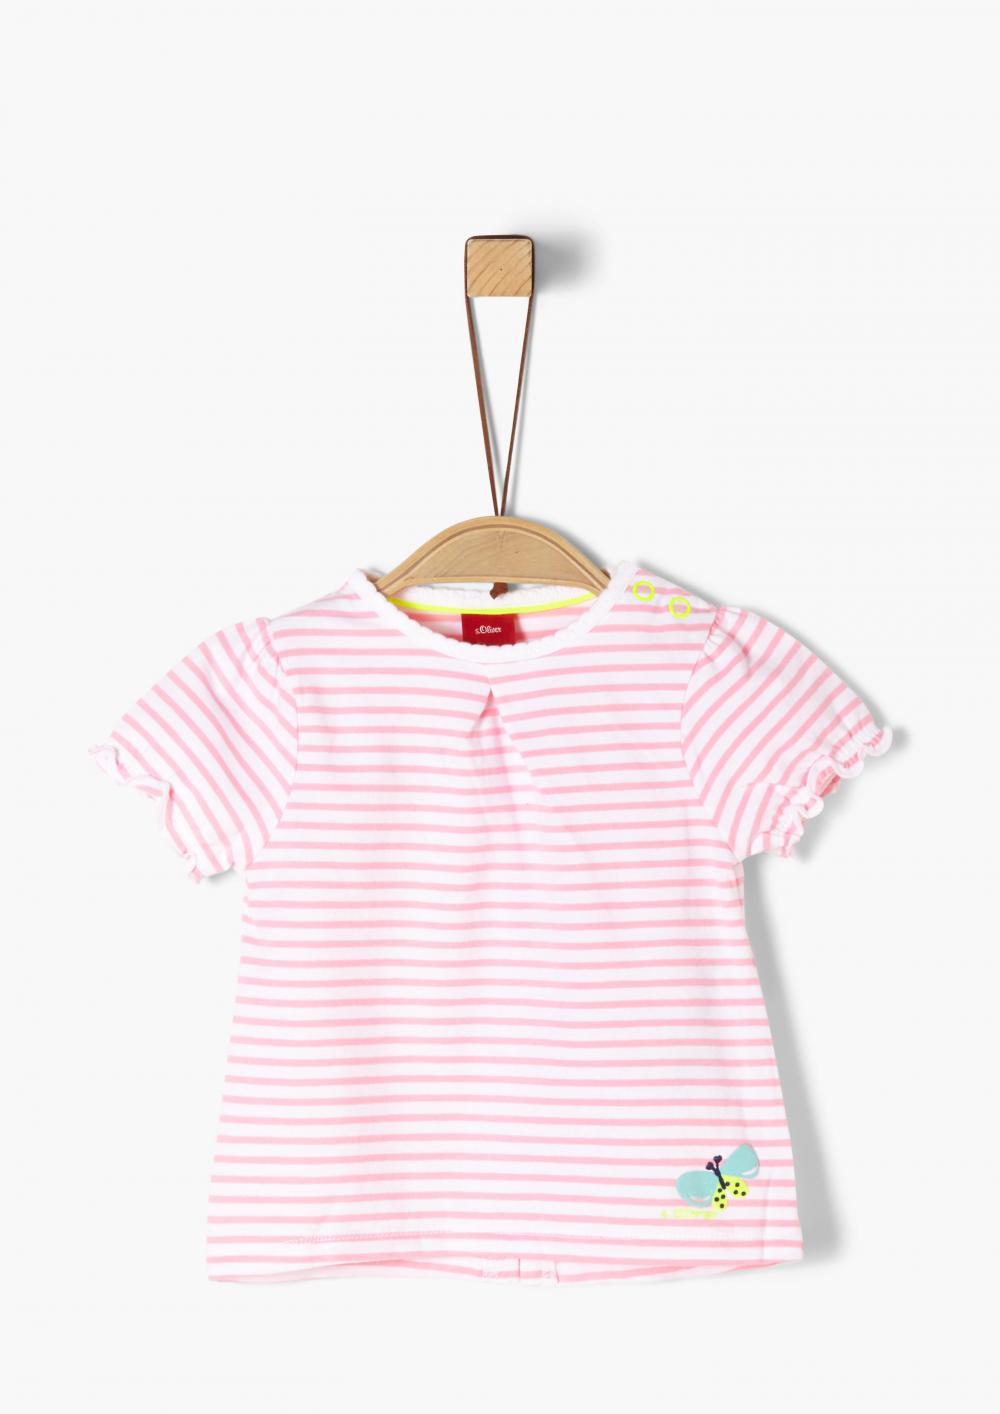 Bébi Tshirt